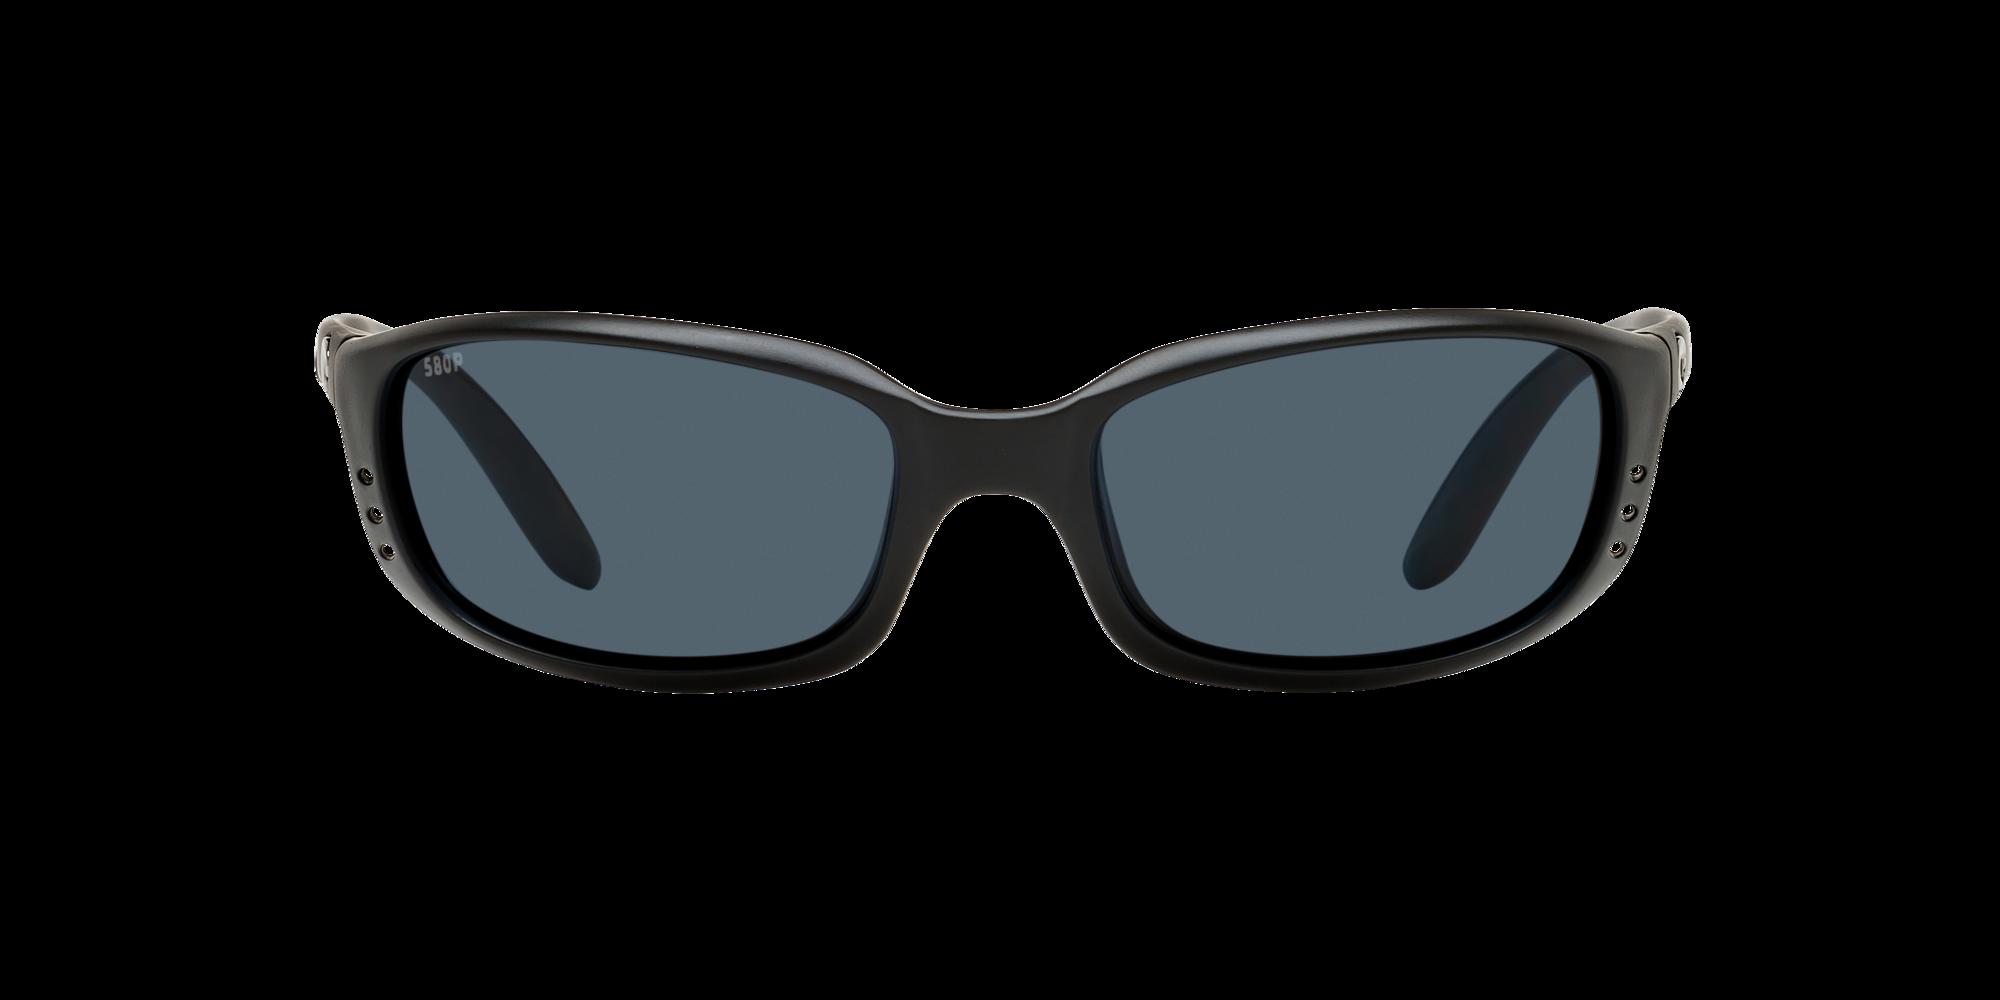 Imagen para BRINE de LensCrafters |  Espejuelos, espejuelos graduados en línea, gafas